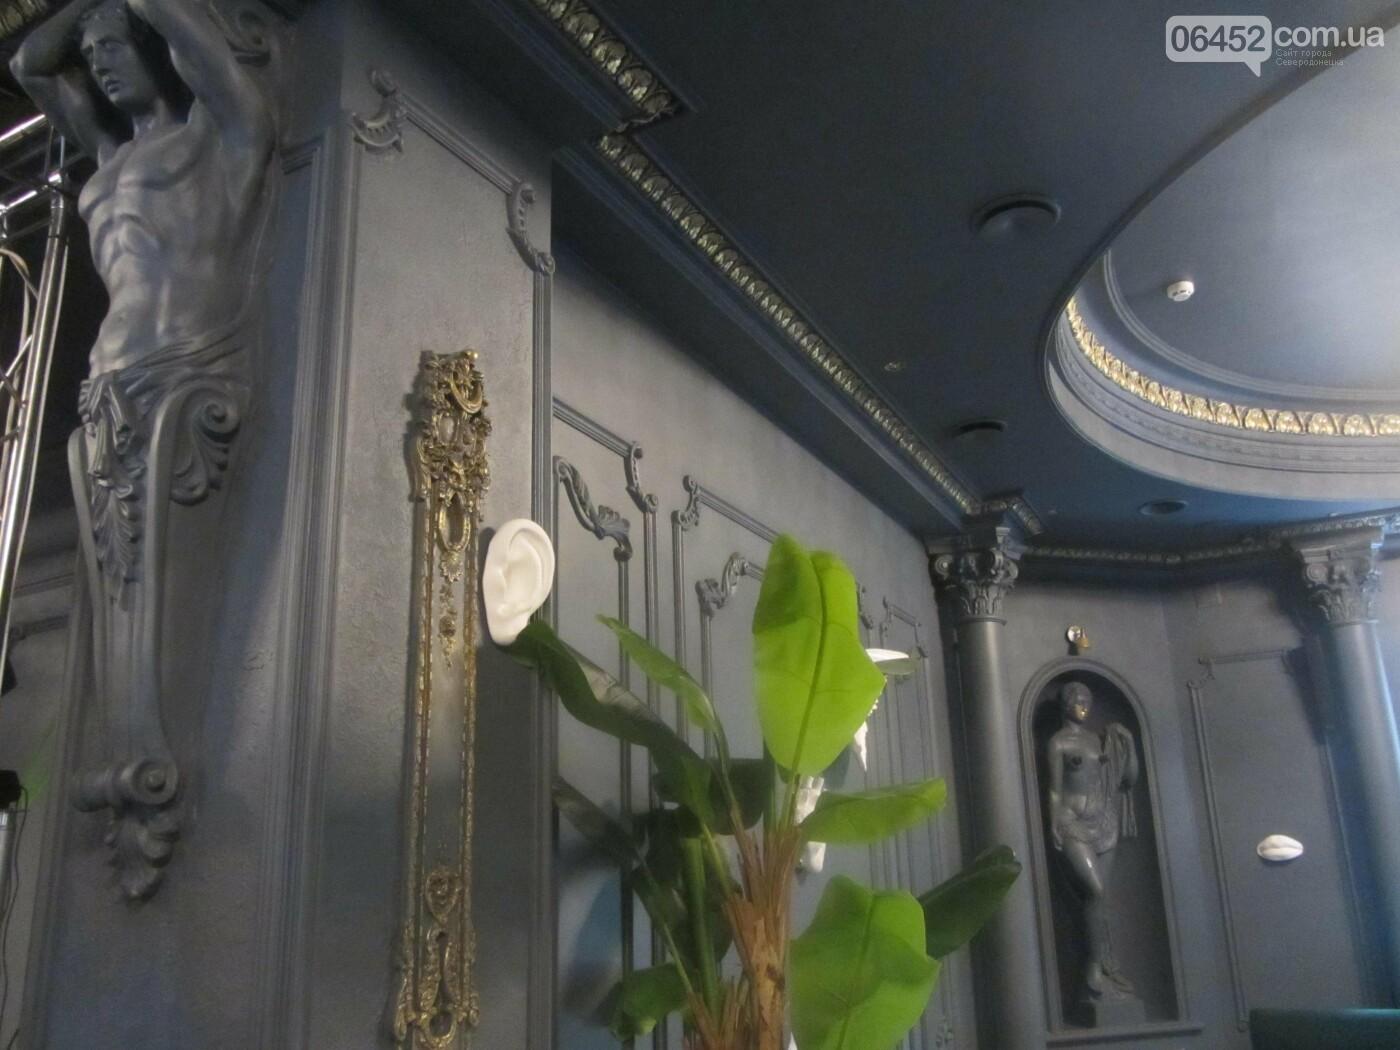 Как изменился интерьер в «Golden Palace» с переездом ресторана «Соль. Остальное мясо», фото-9